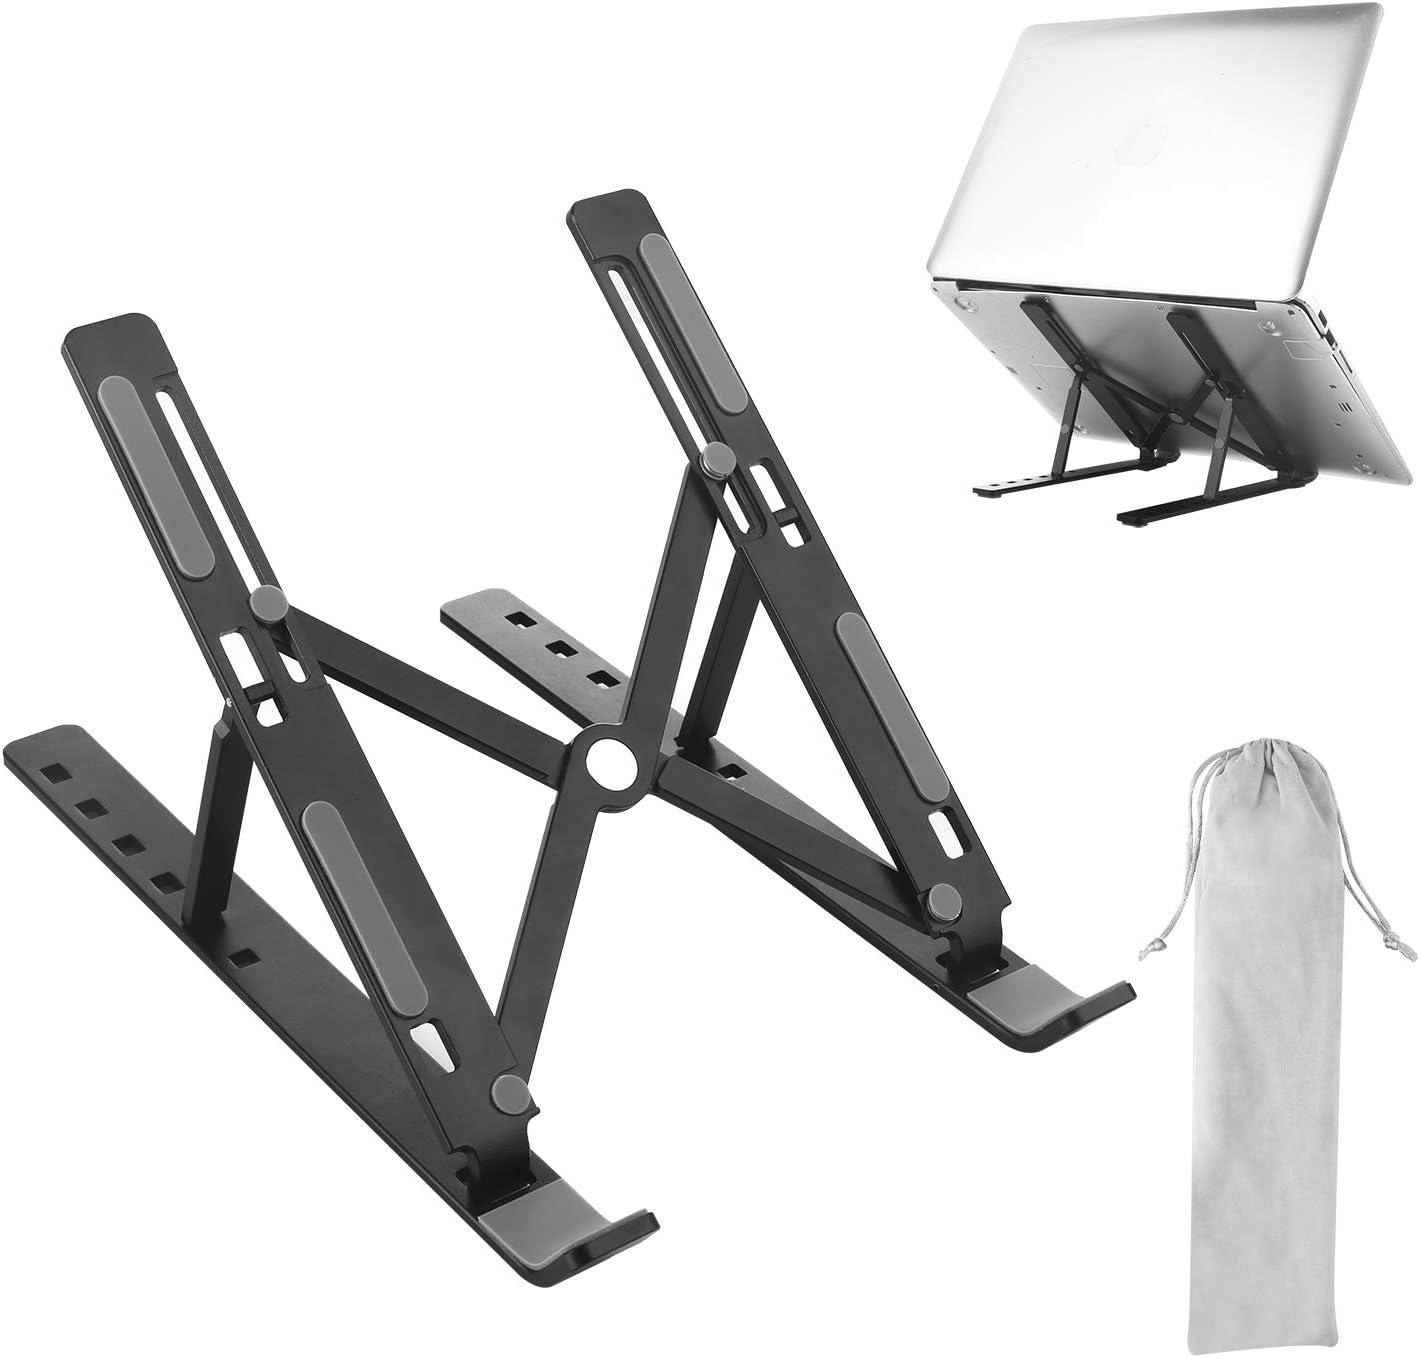 Laptop Stand Pliable Ventil/é en Aluminium R/églable SHYOSUCCE Support de Ordinateur Portable Support PC Ergonomique